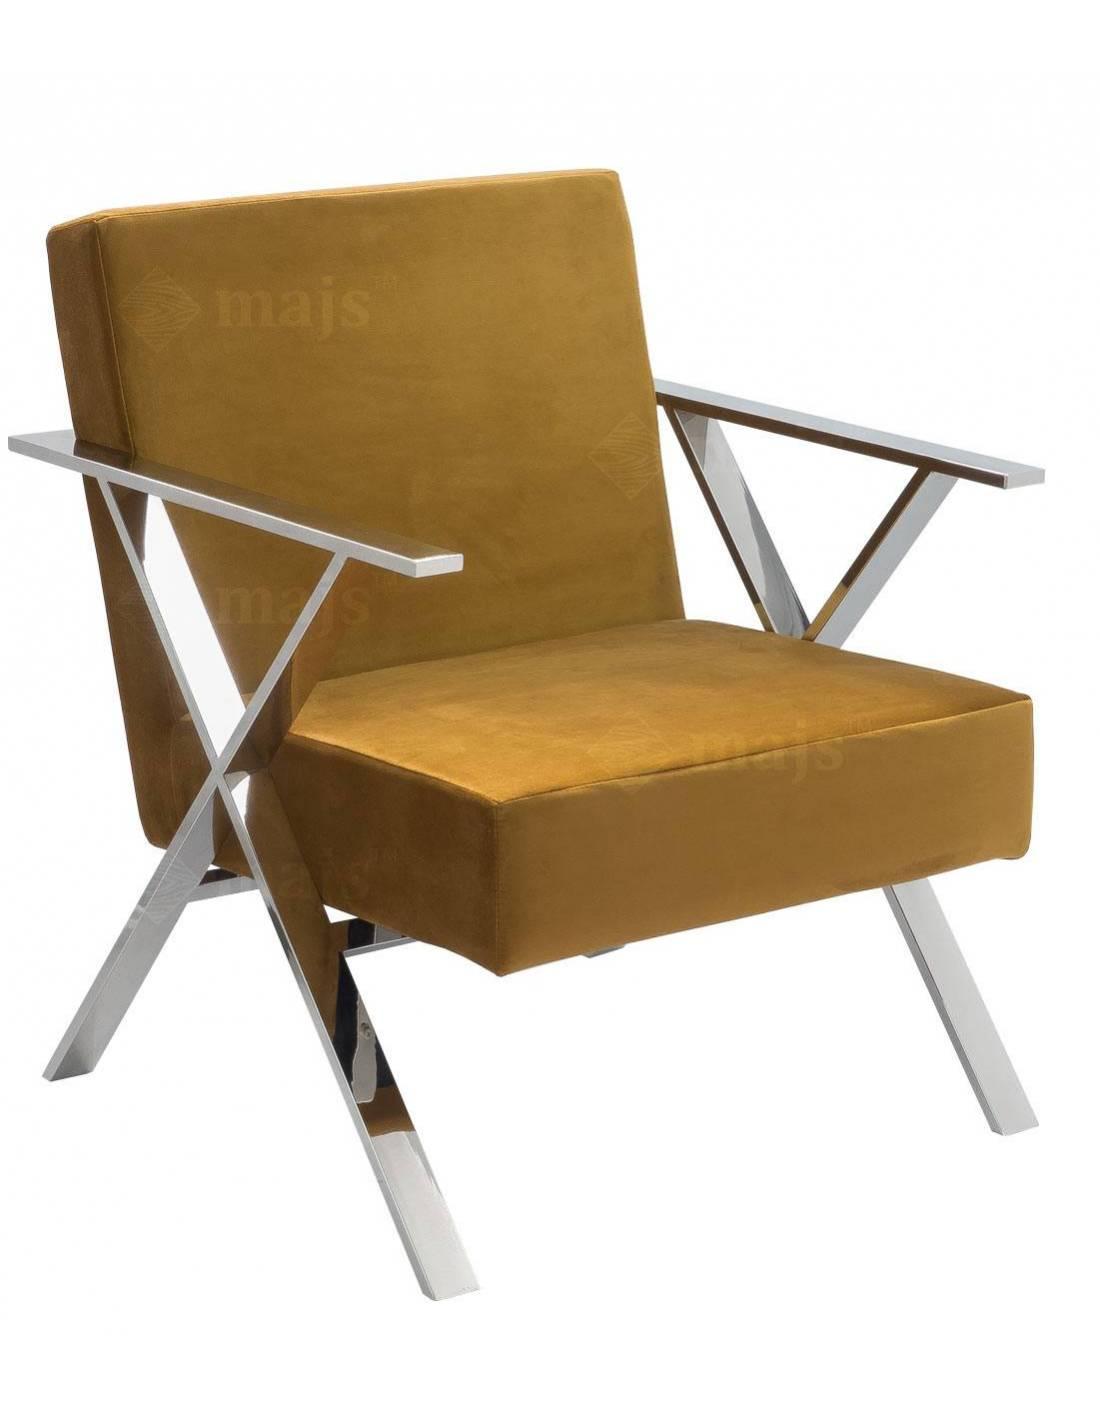 Fotel ze srebrnymi nogami i brązowym welurowym obiciem